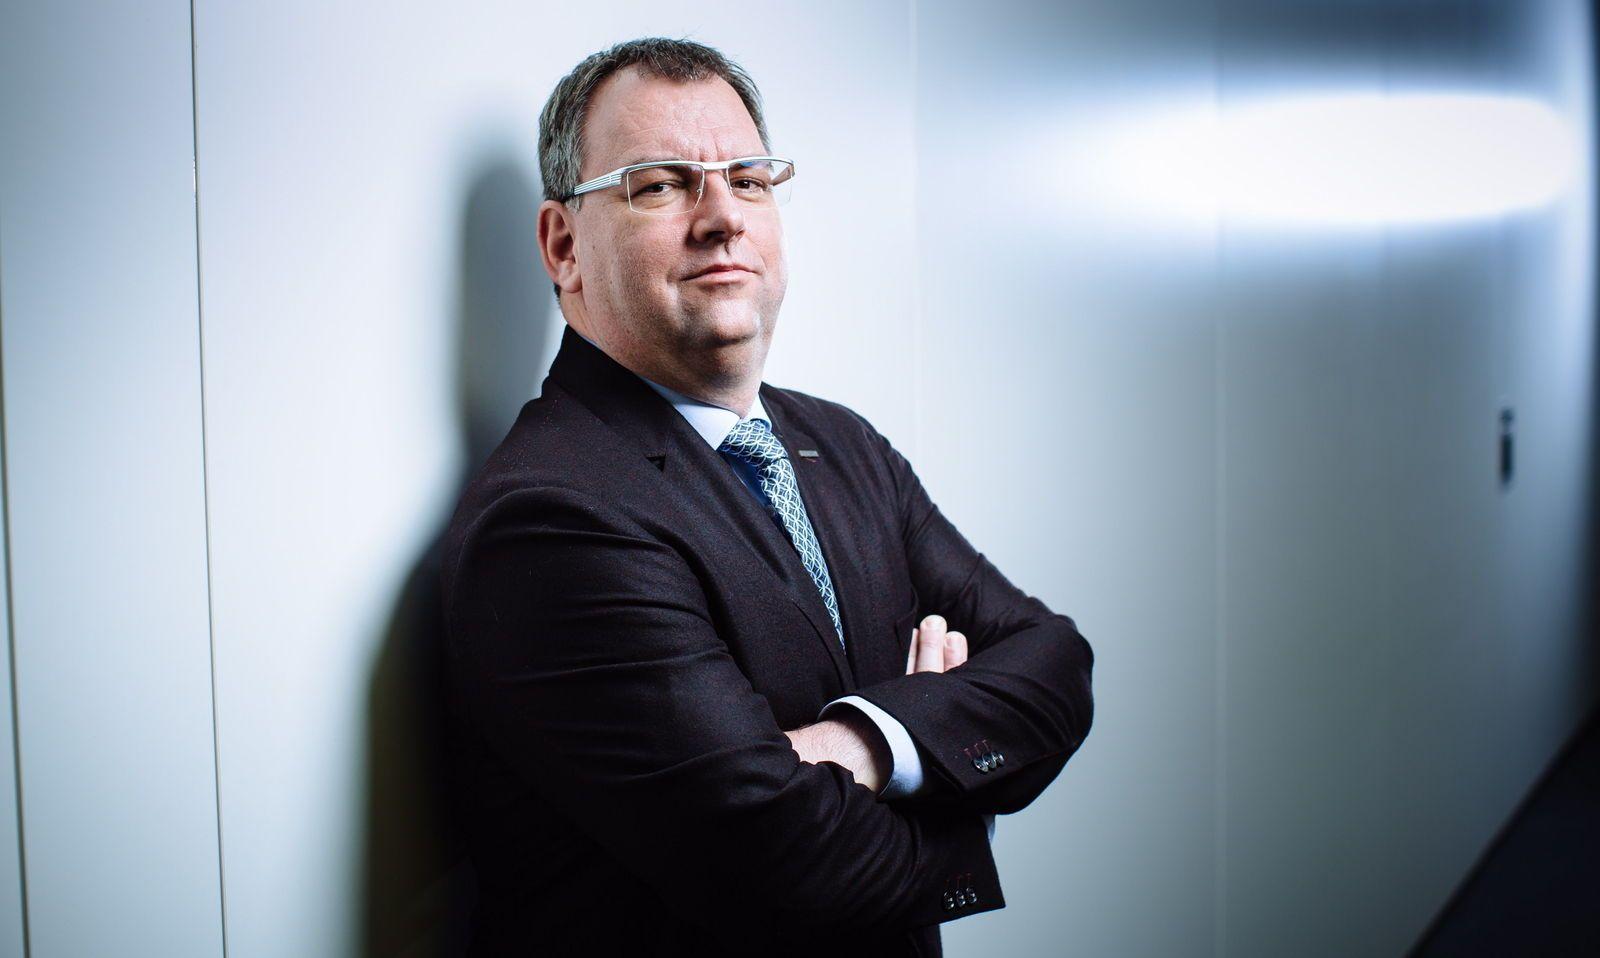 Helmut Fallmann ist auf der Suche nach Entrepreneuren.